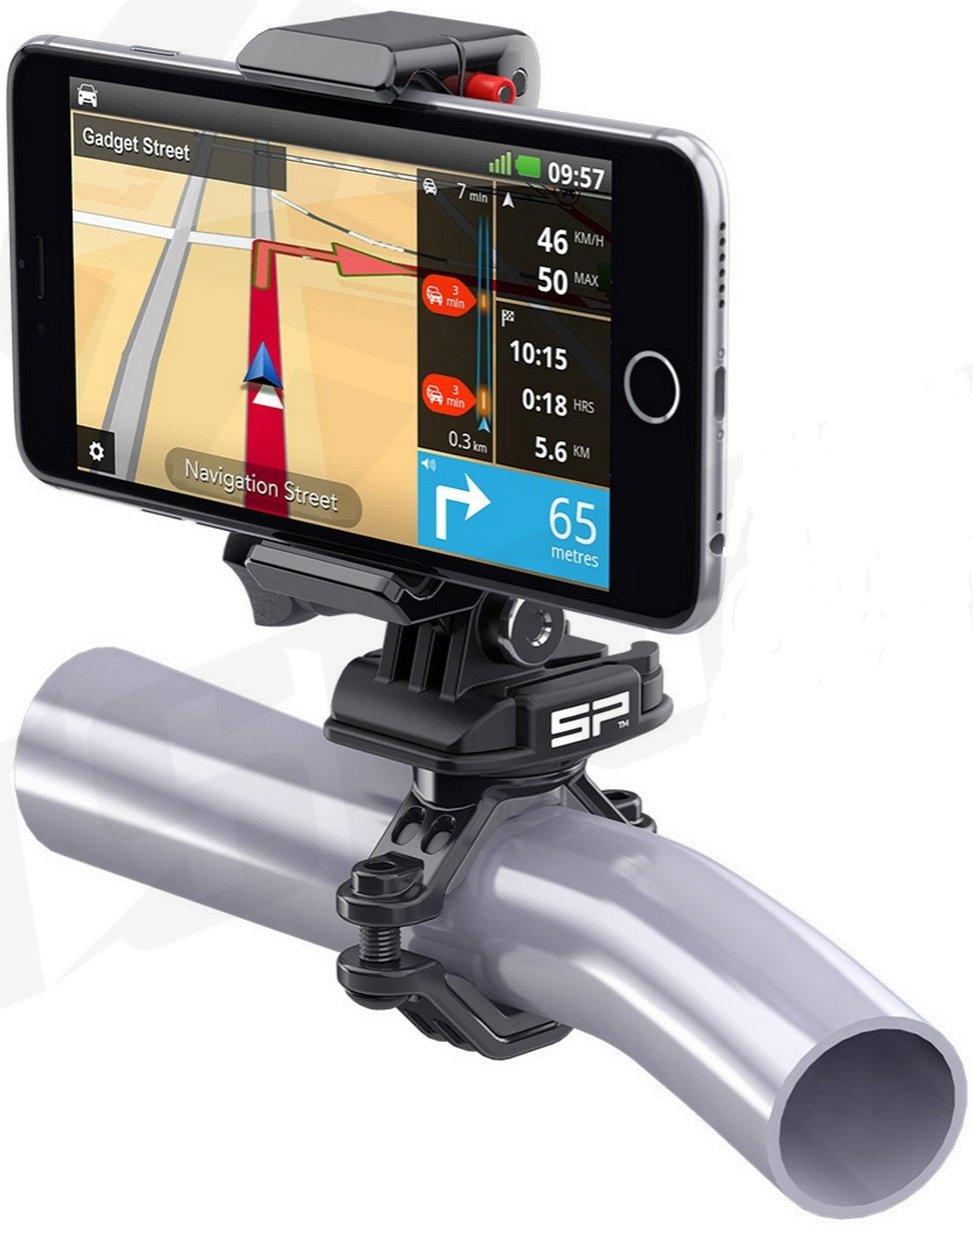 SP GADGETS Phone Mount Bundle - držák na řidítka pro telefon / GoPro